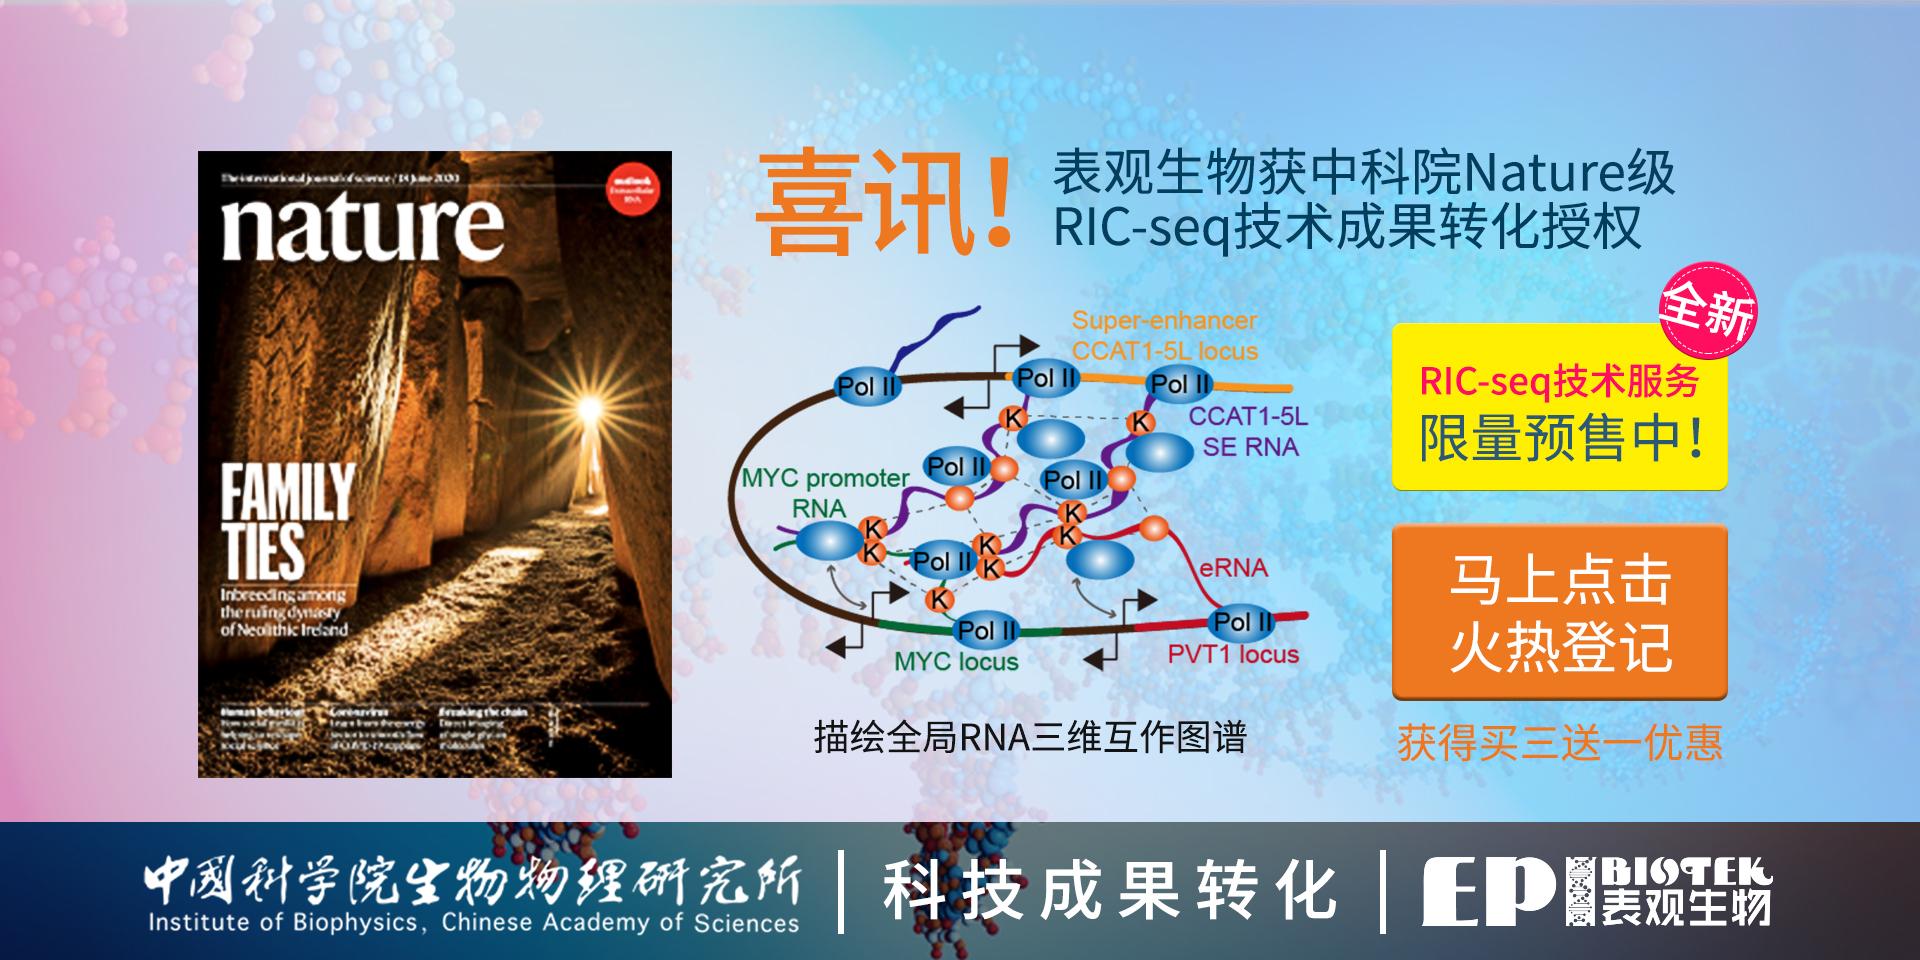 广州表观生物科技有限公司-69-1轮播图